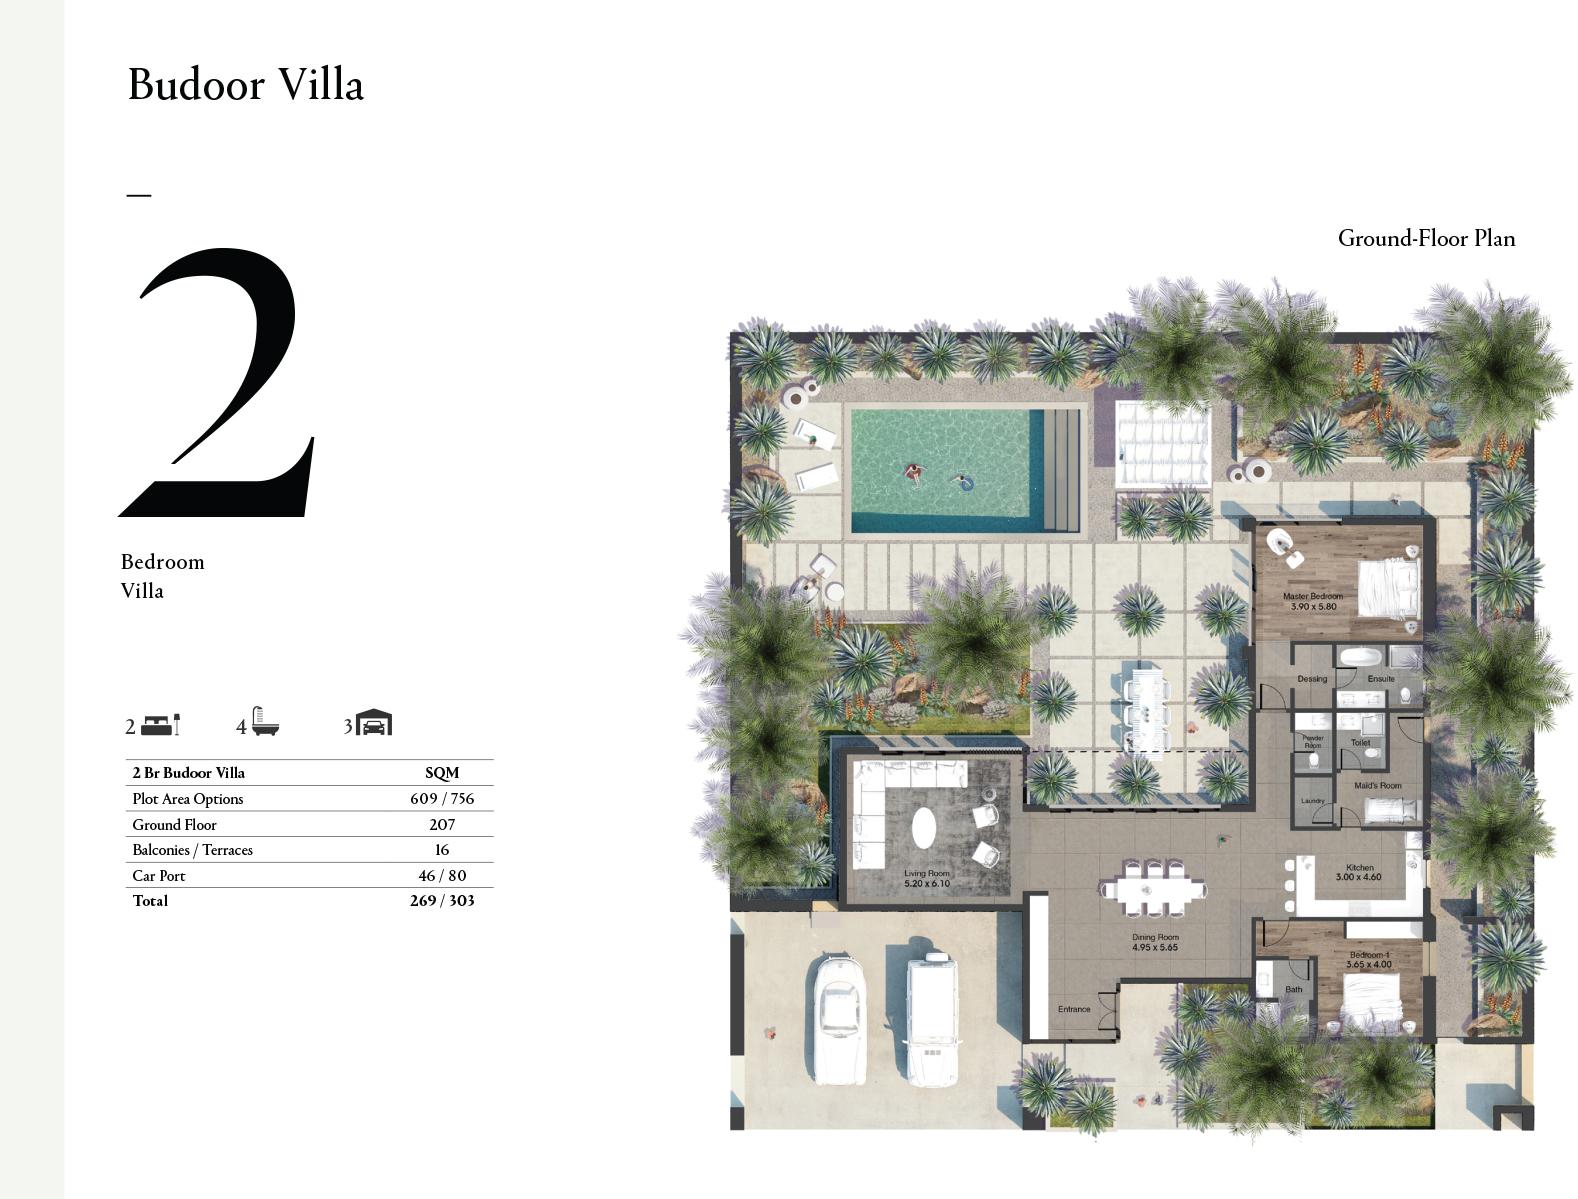 https://drehomes.com/wp-content/uploads/2-Bedroom-Villa-Ground-Floor-303Sqm.jpg